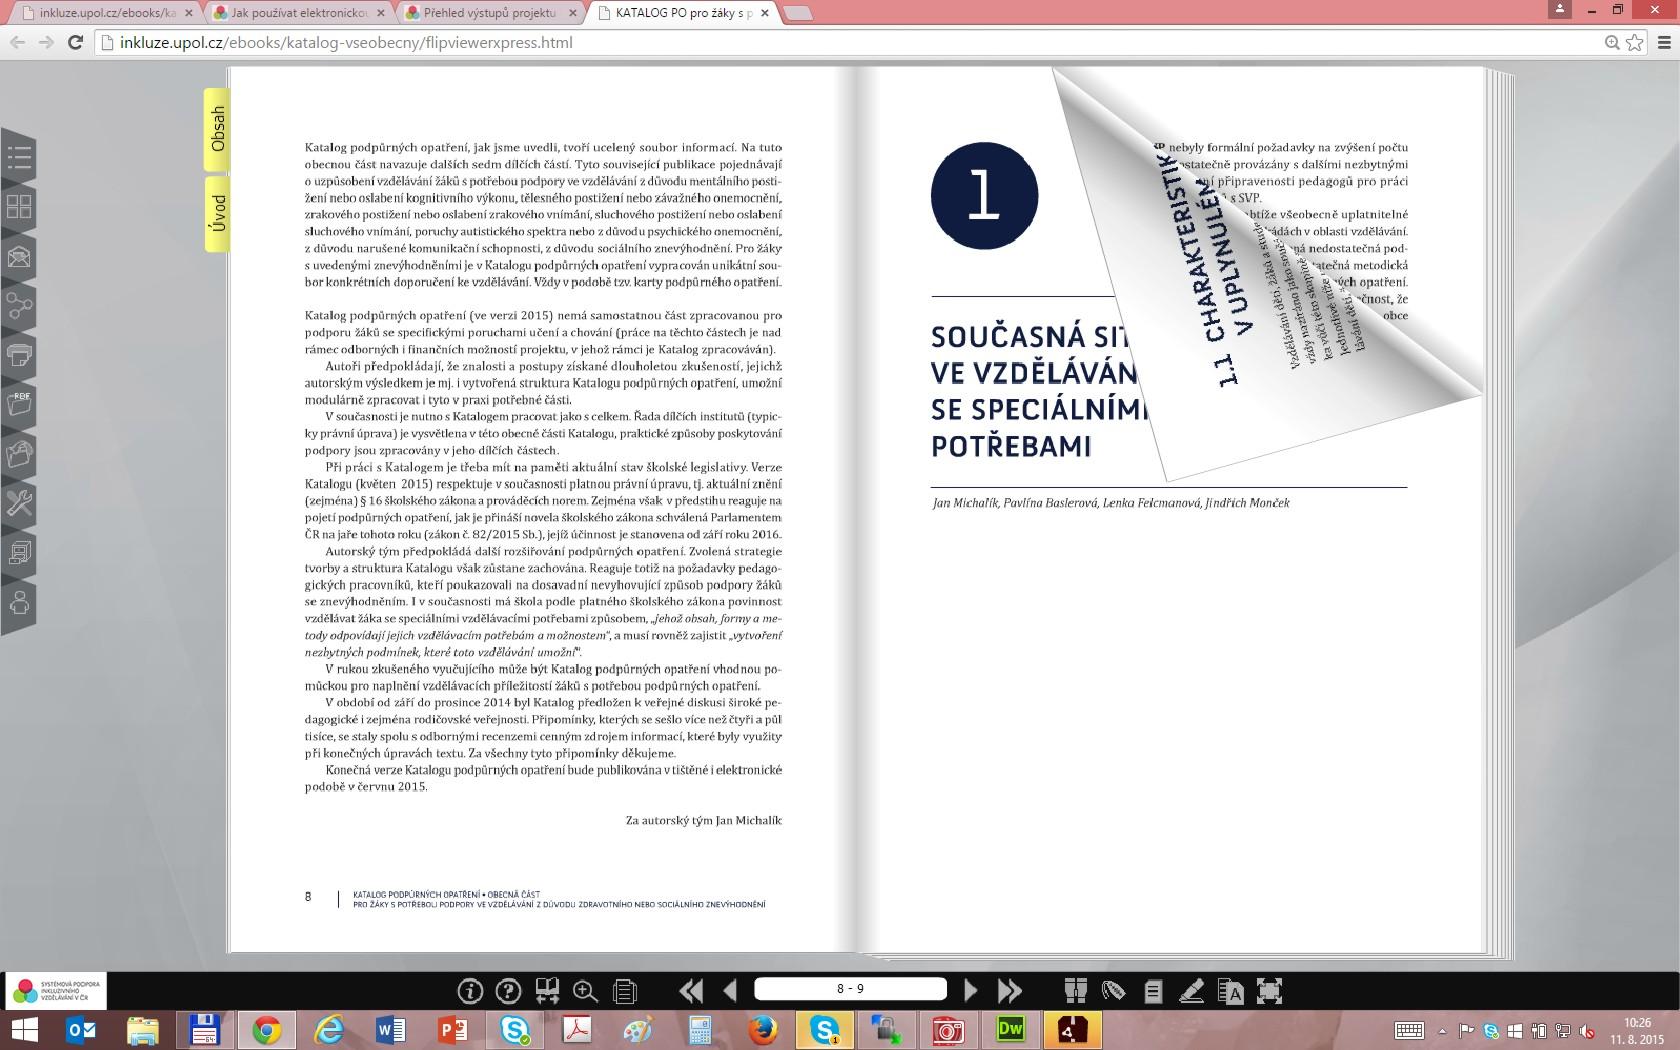 Náhled struktury stránky flipbooku.